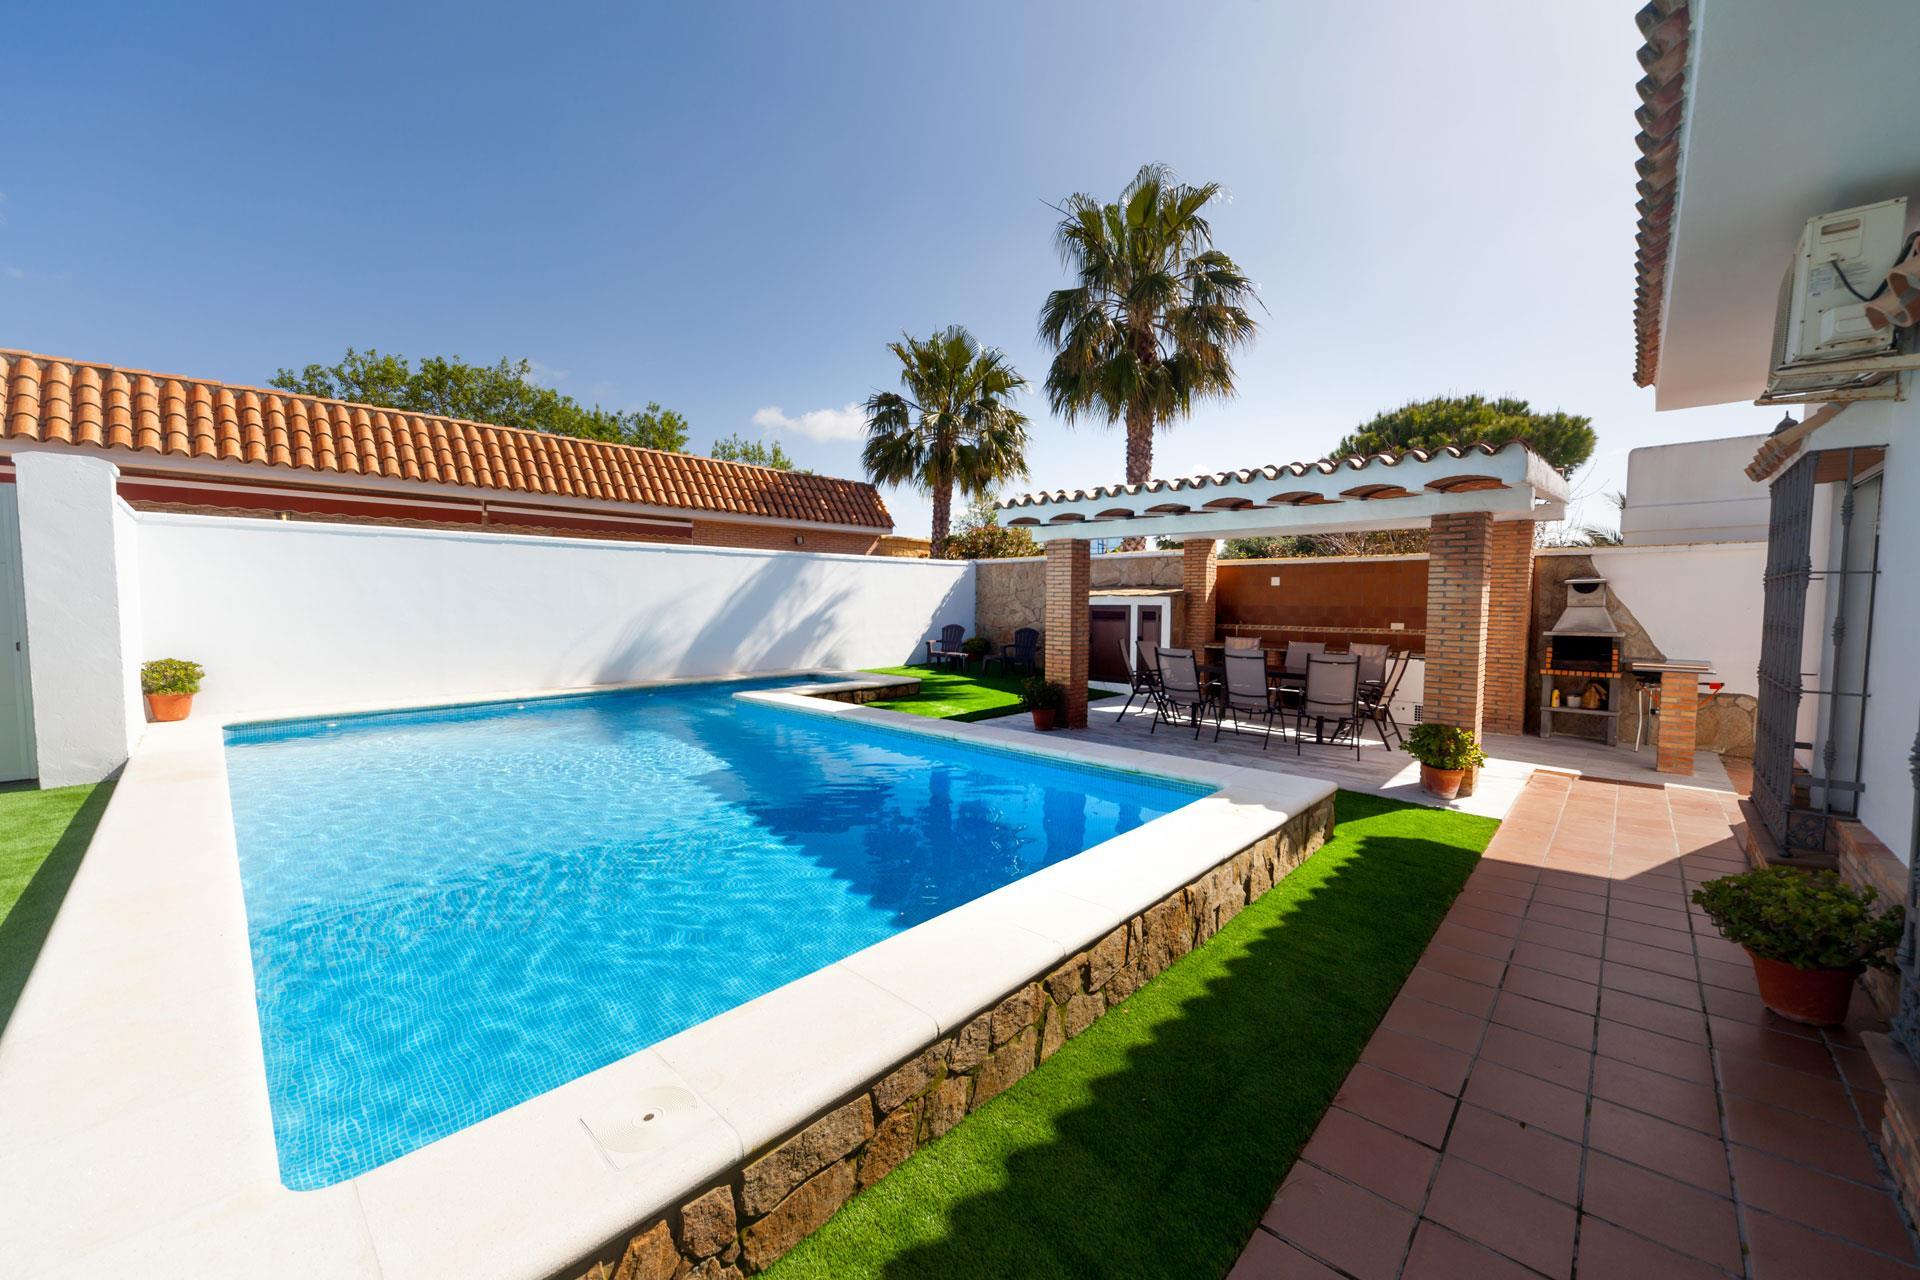 El Molino,Comfortable villa  with private pool in Chiclana de la Frontera, Andalusia, Spain for 10 persons.....